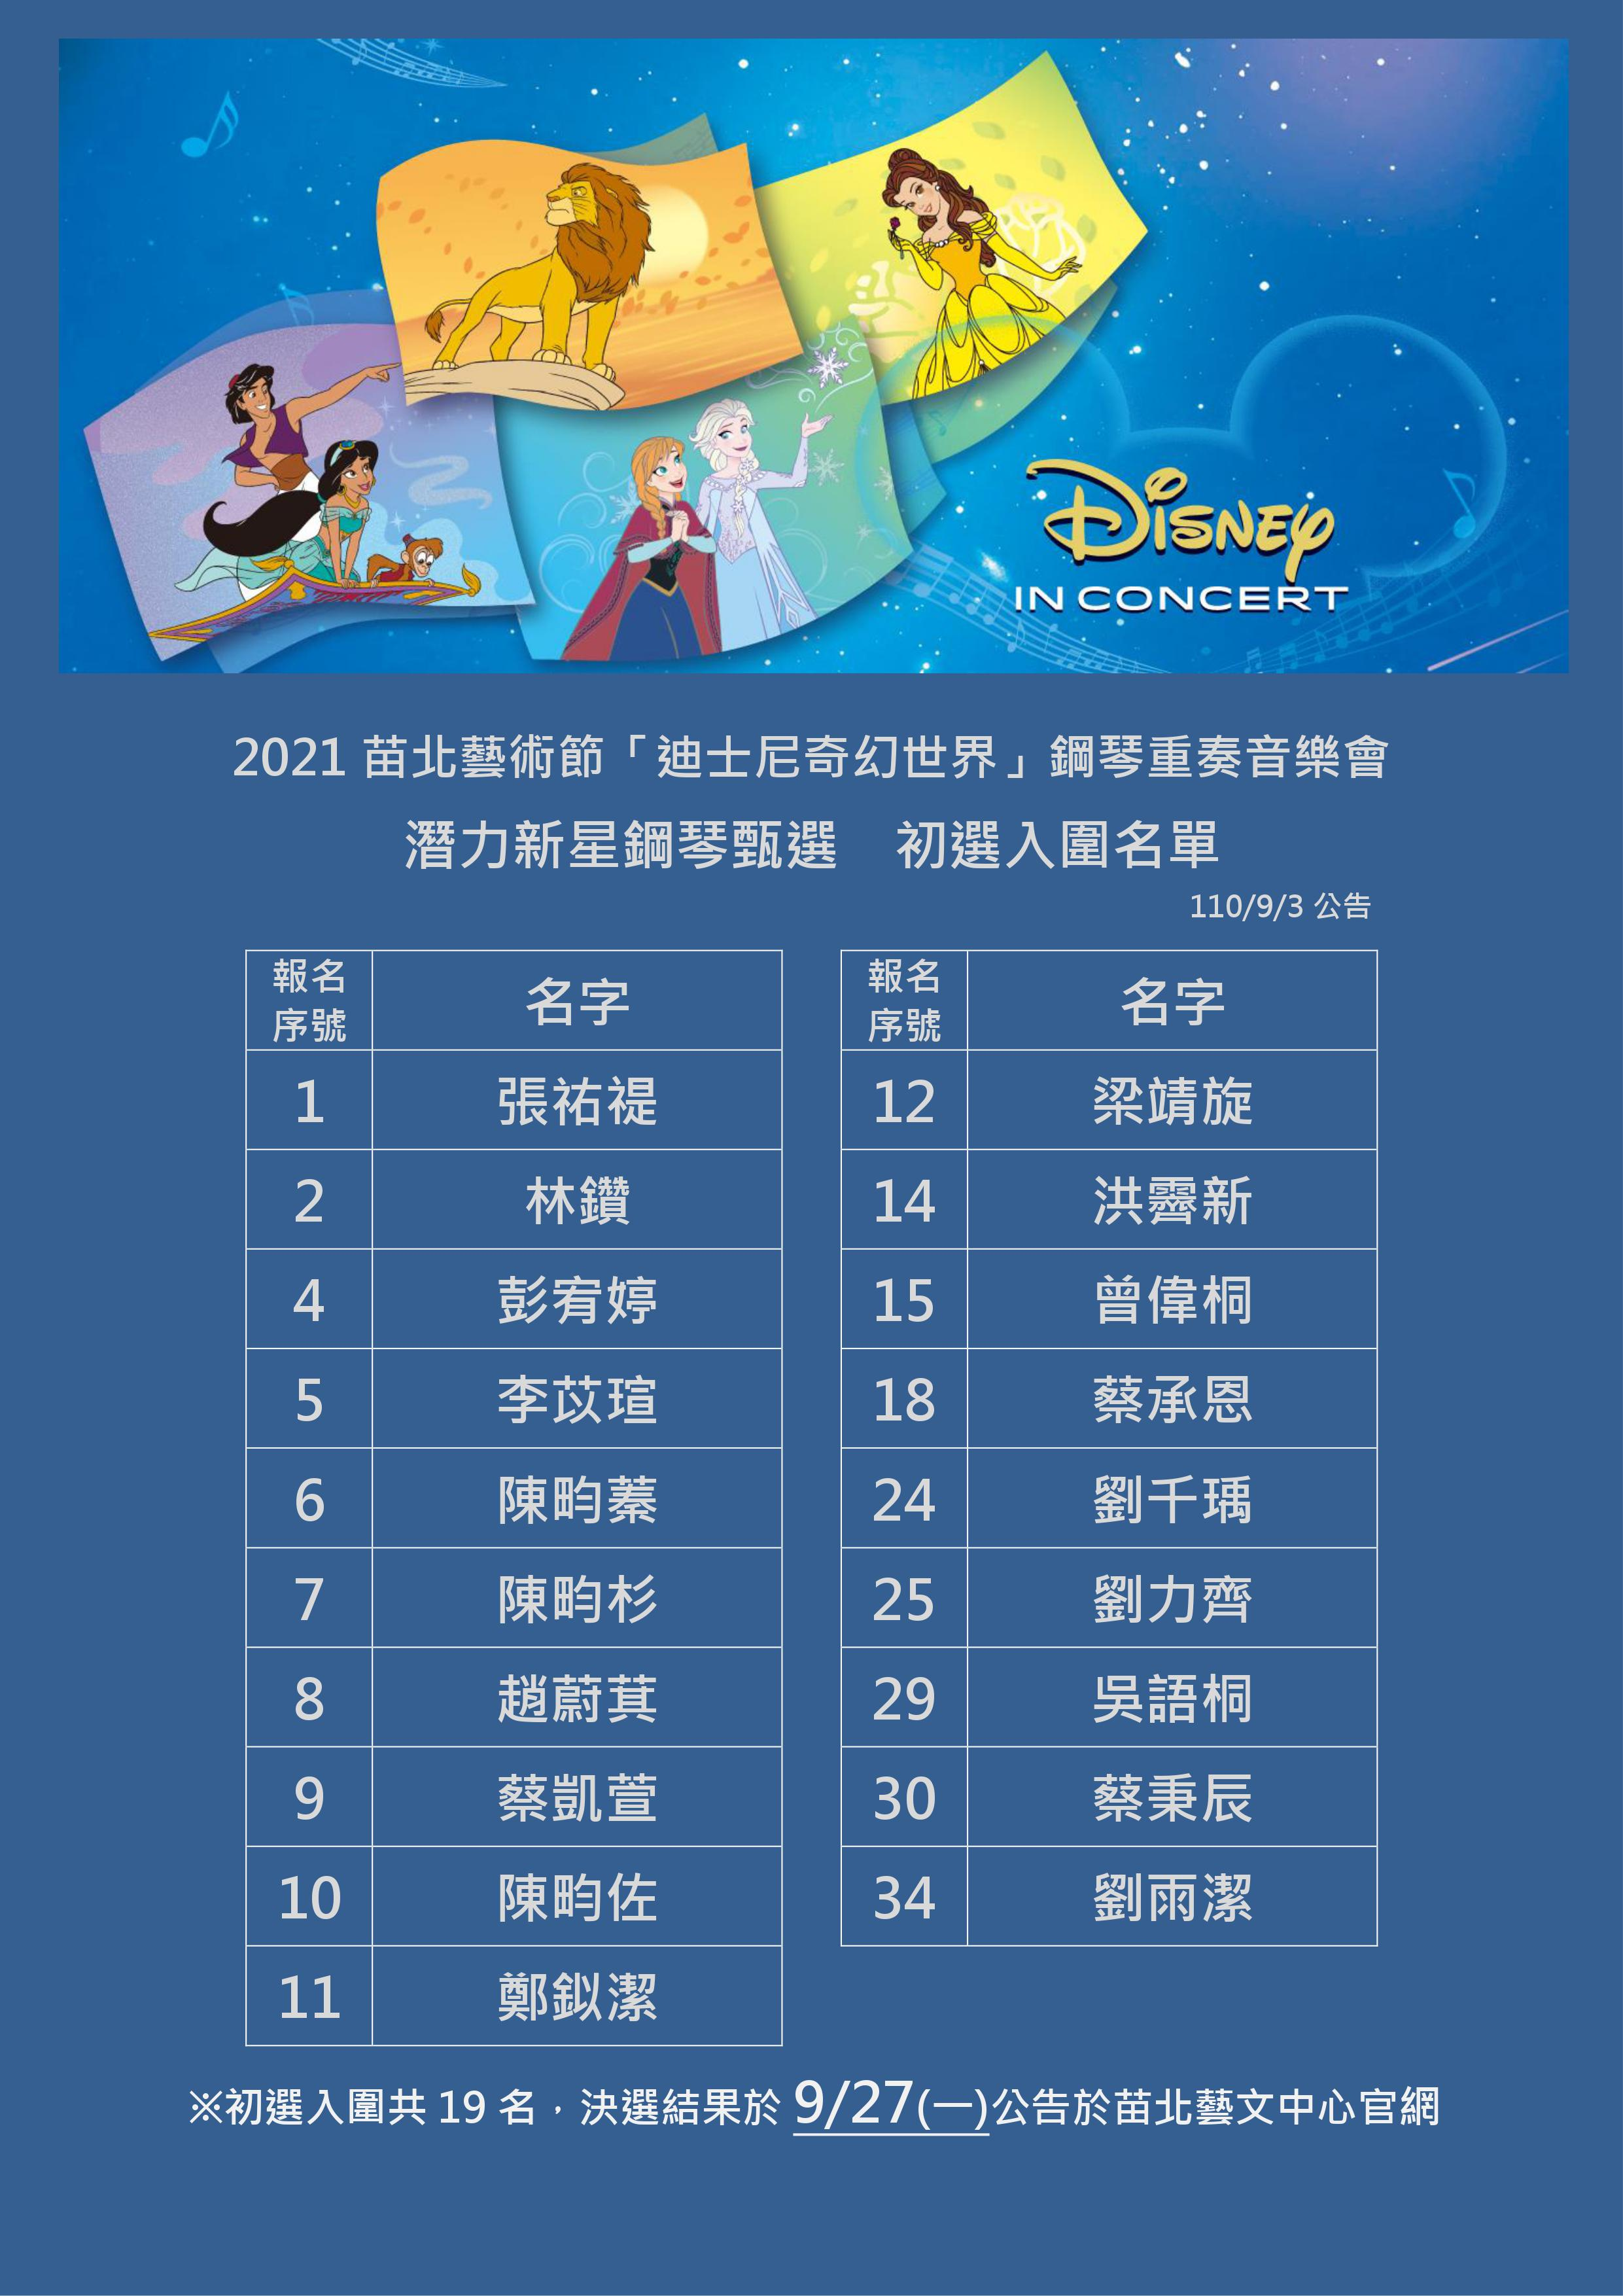 迪士尼甄選初選 (公告)